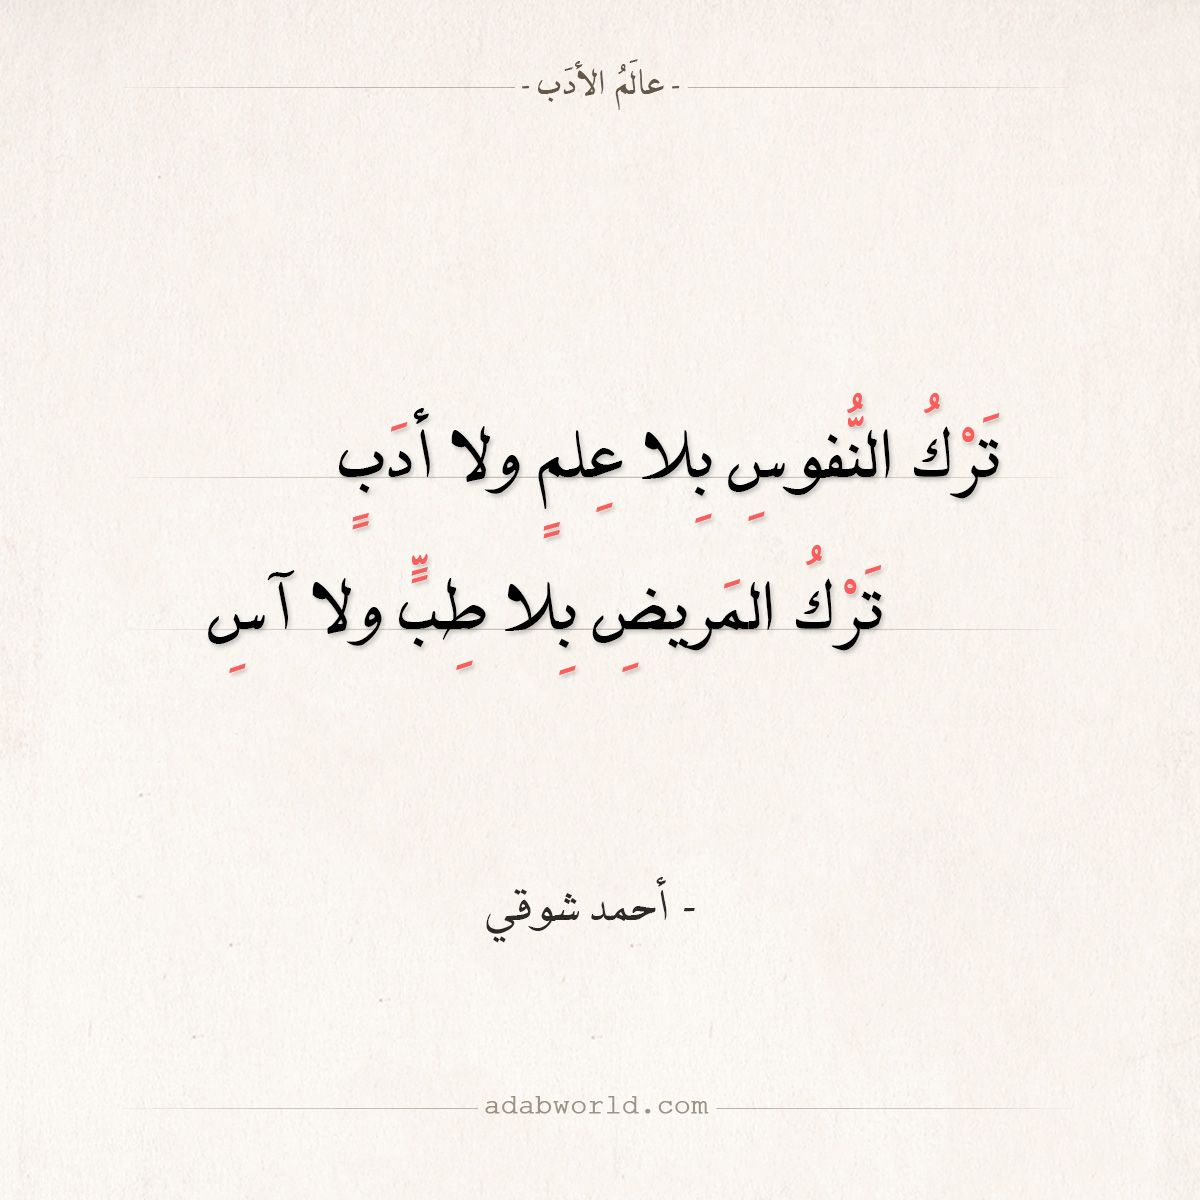 شعر أحمد شوقي نظرة فابتسامة فسلام عالم الأدب Quotes For Book Lovers Romantic Words Words Quotes